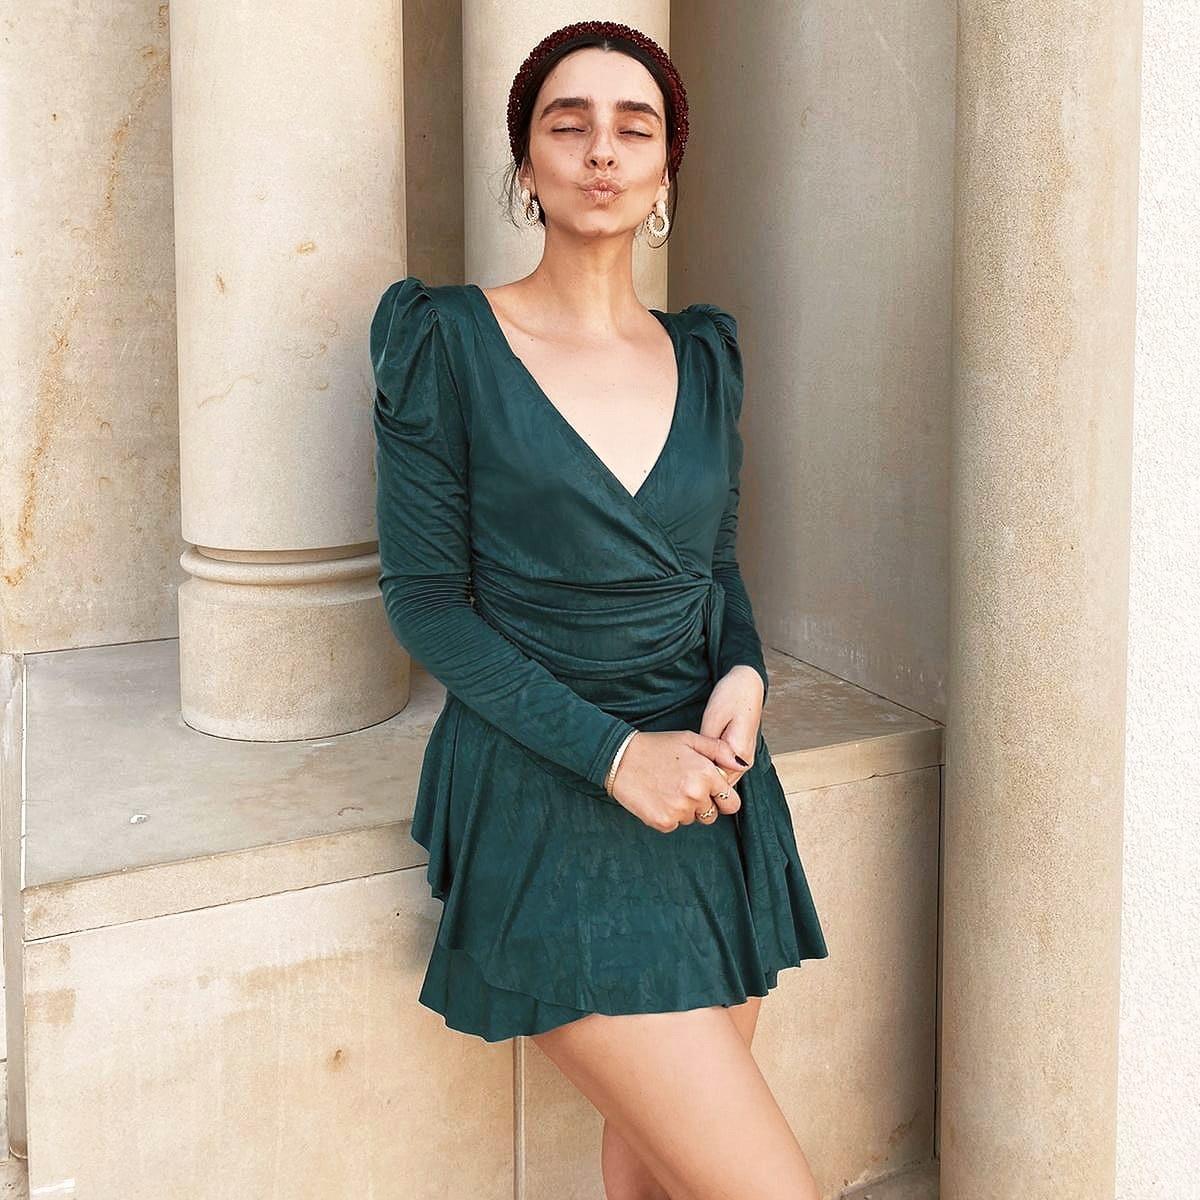 שמלת פאריס מעטפת - ירוק בקבוק